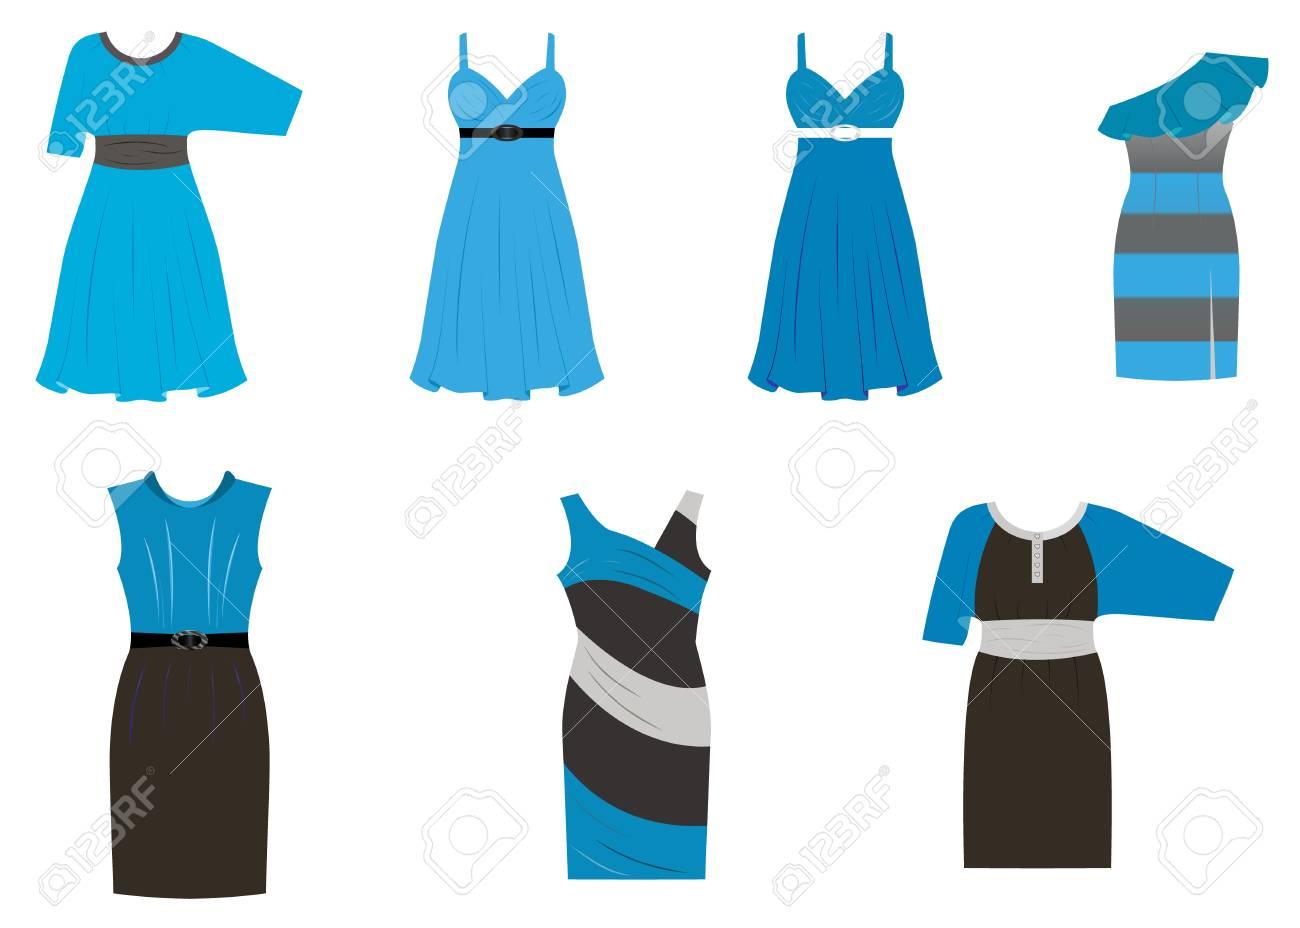 Conjunto De Vestidos En Diferentes Estilos En Cuatro Colores Negro Azul Blanco Gris Ilustración Vectorial Sobre Fondo Blanco